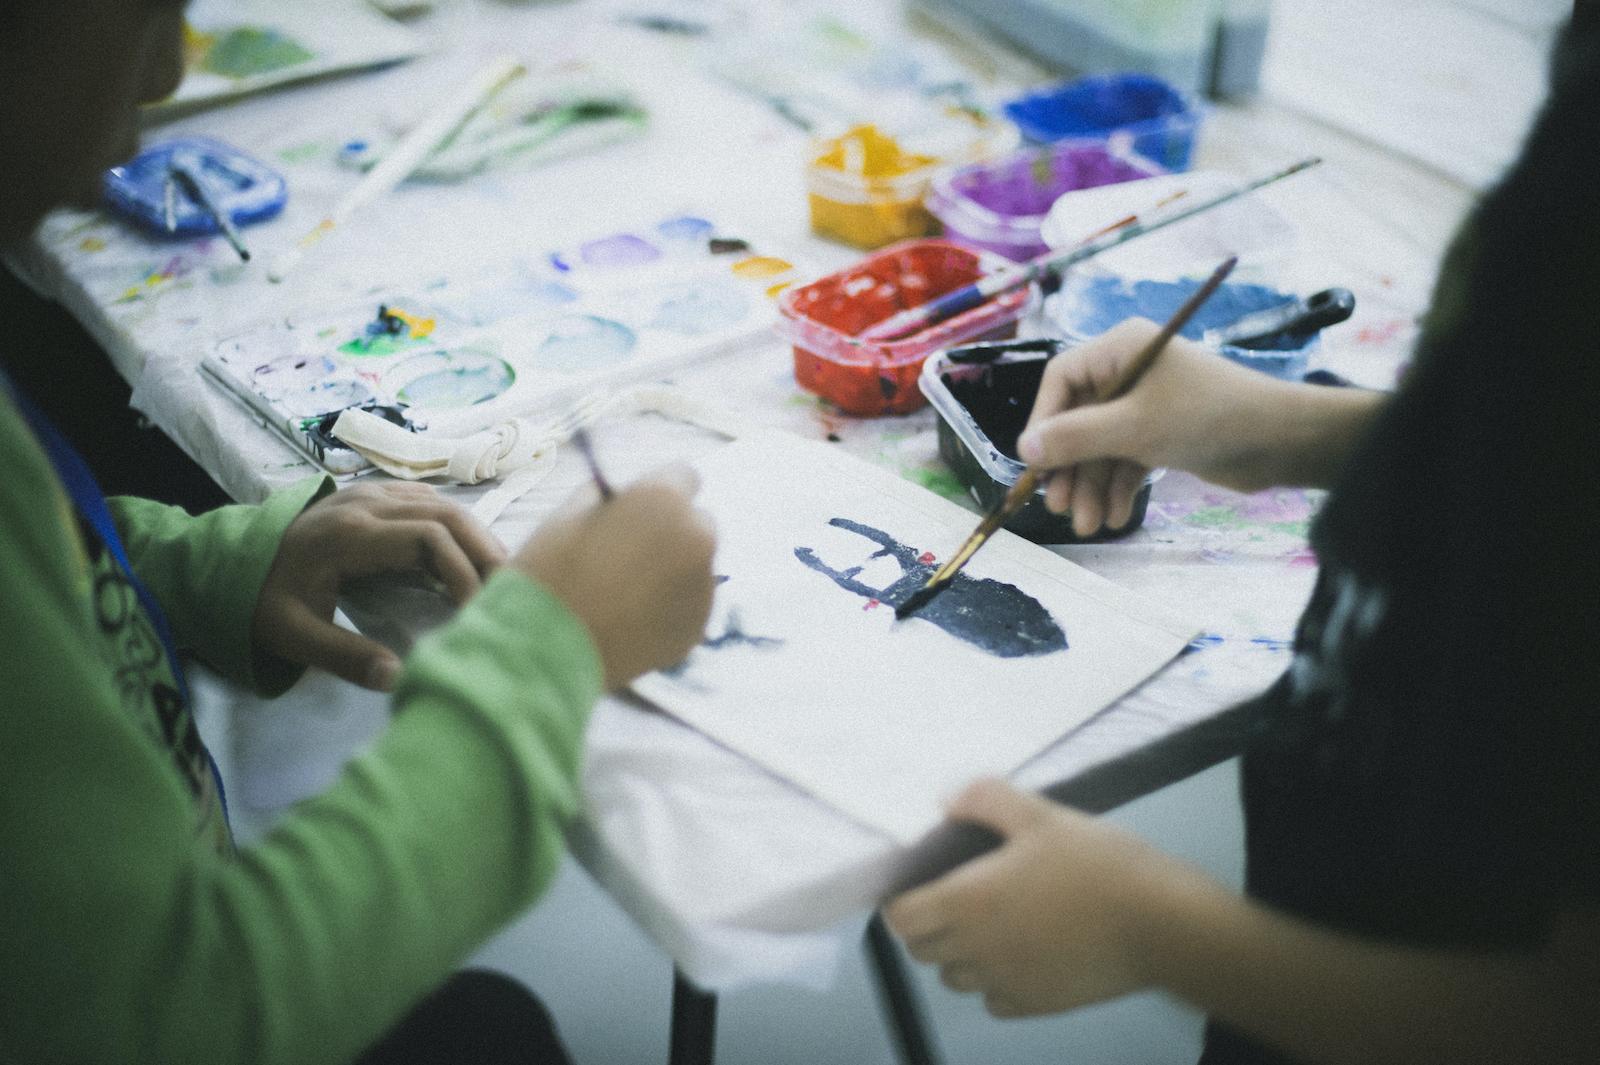 個展期間中に行われたワークショップの様子。子供たちがミニサコッシュに絵を描いている。